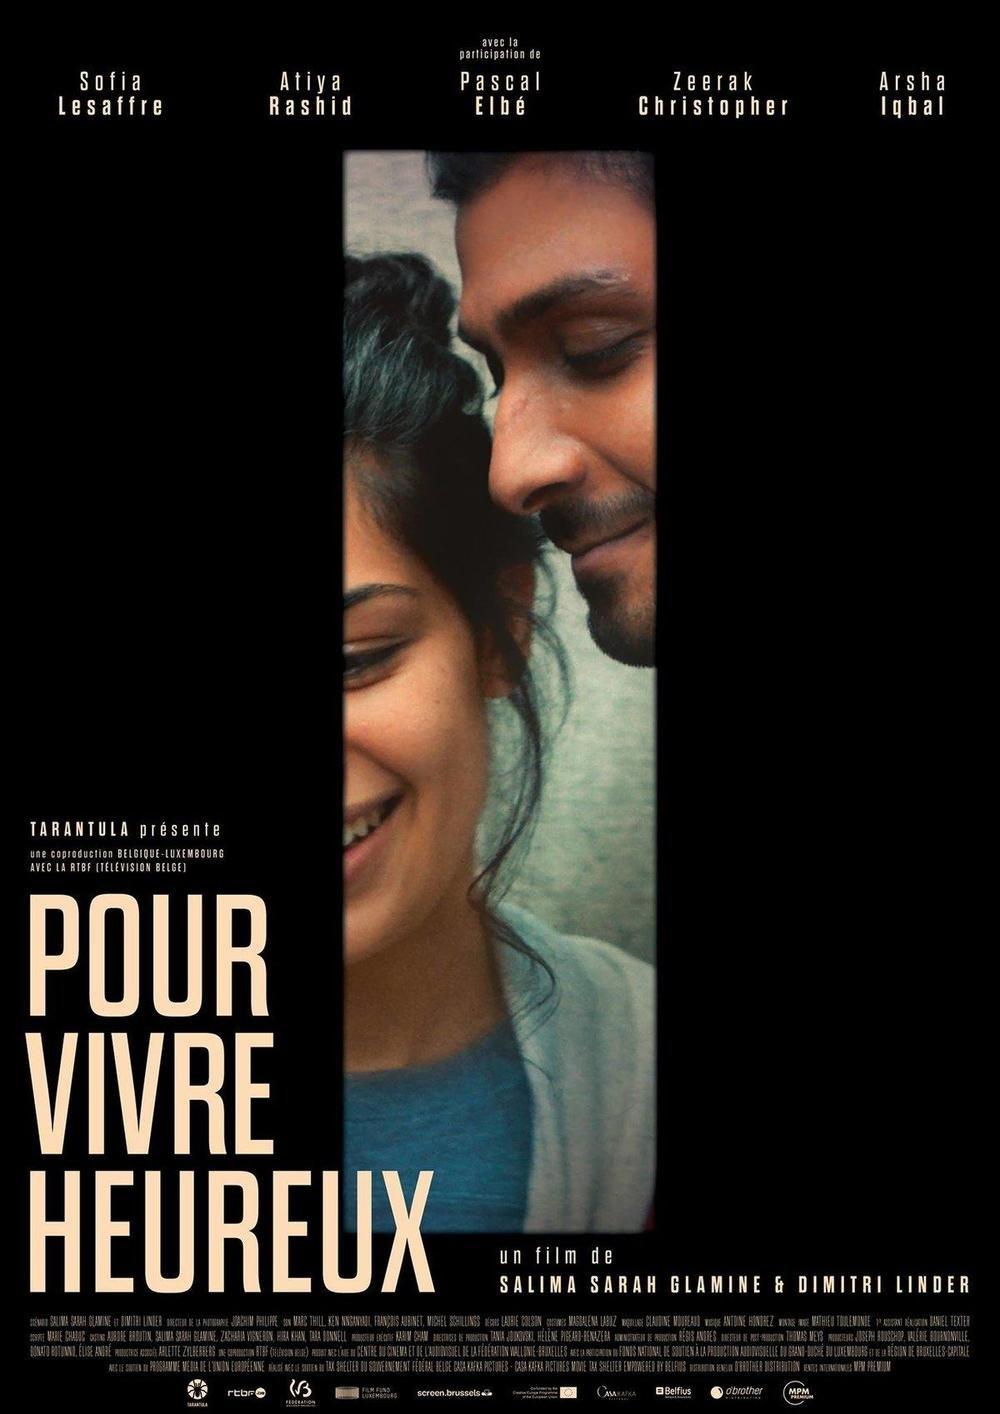 affiche du film Pour vivre heureux